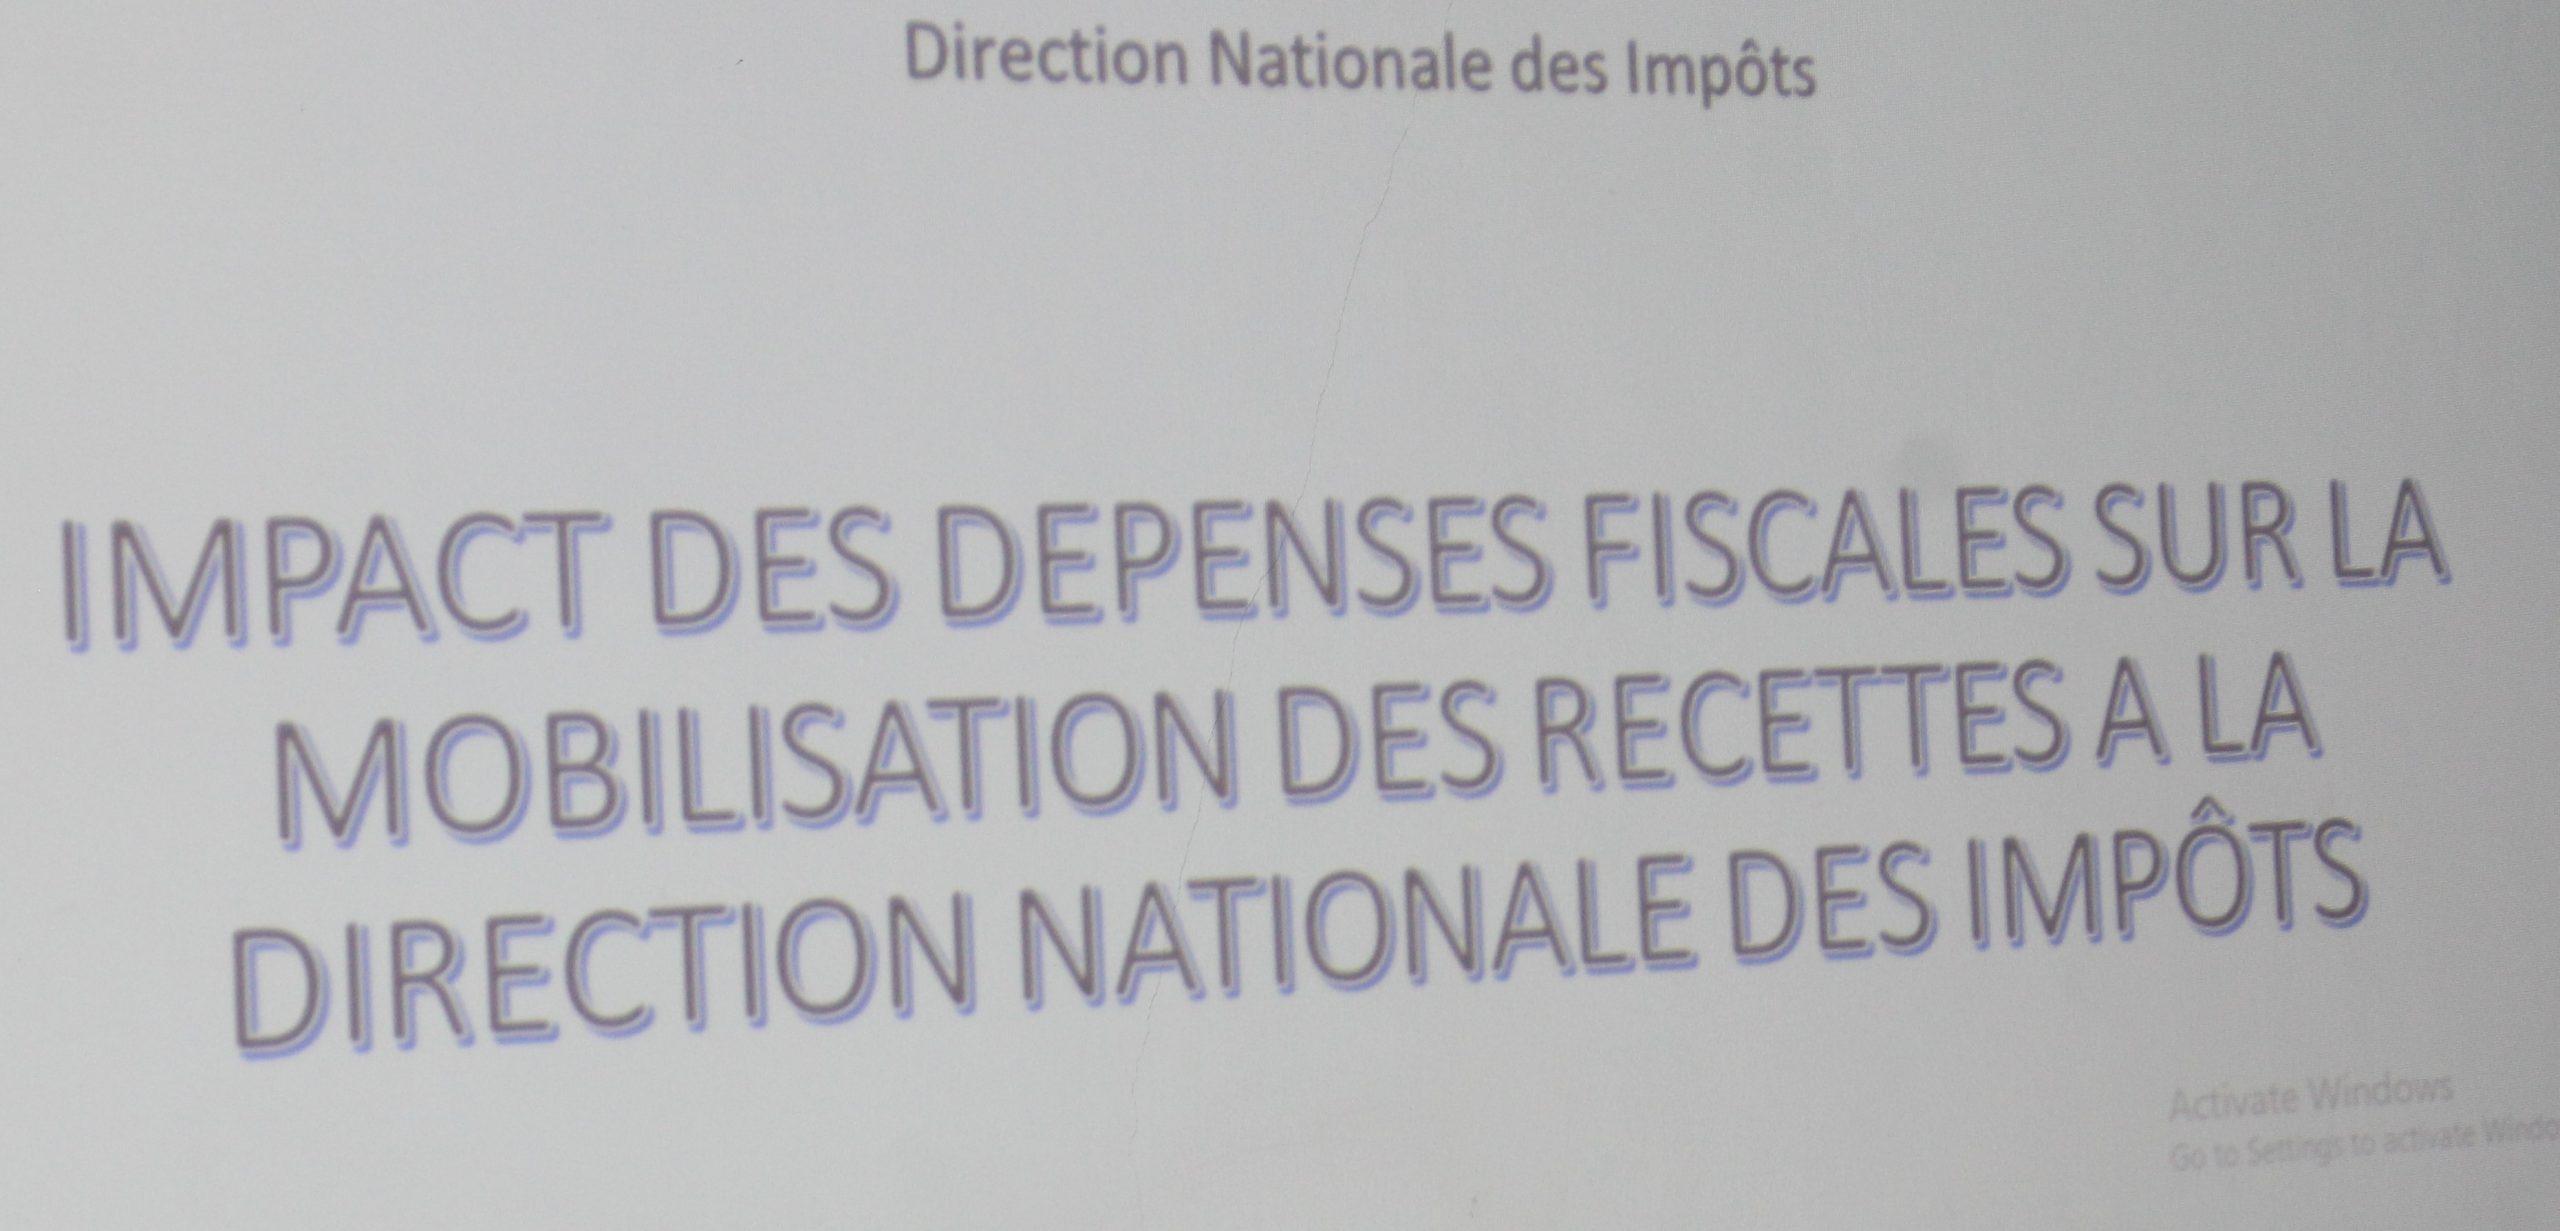 Compte rendu de la Réunion de Cabinet hebdomadaire du Ministère du Budget de ce lundi 12 avril 2021